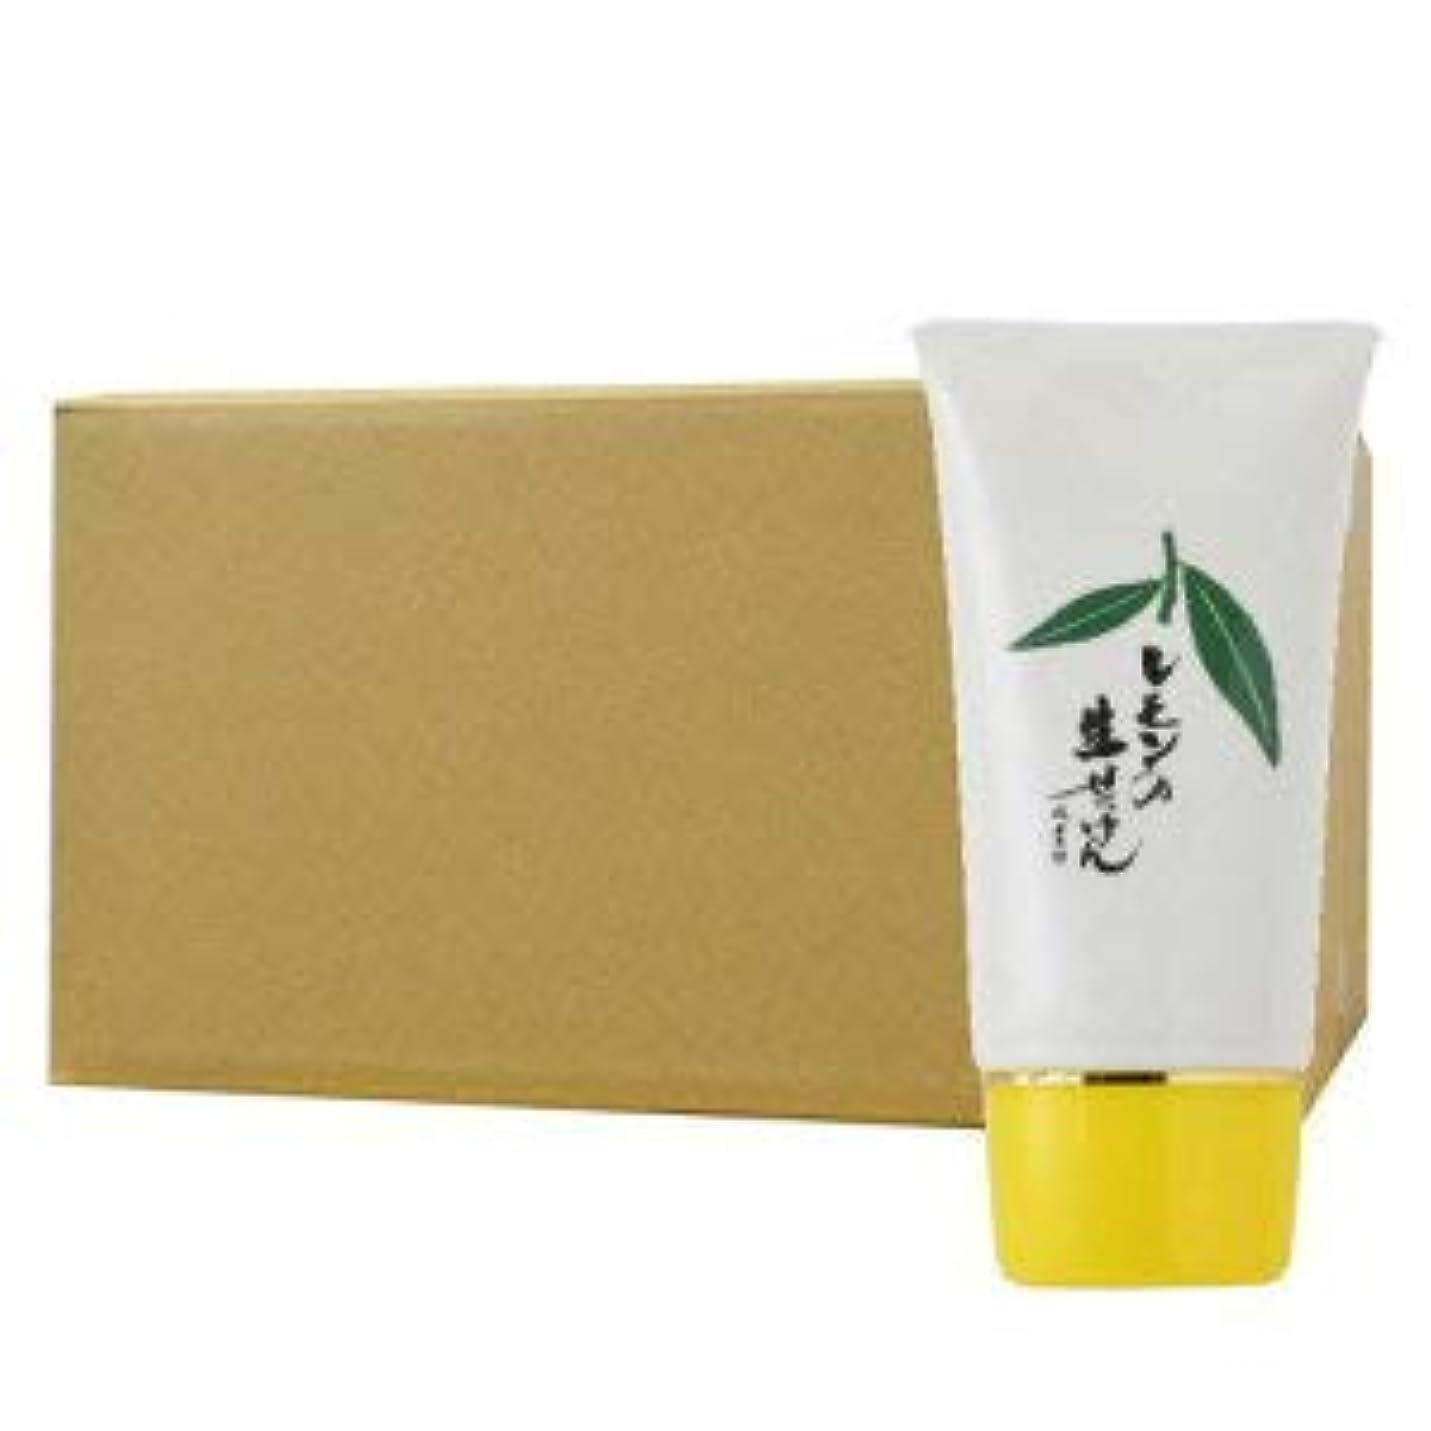 きれいに作物ロケットUYEKI美香柑レモンの生せっけん70g×60個セット